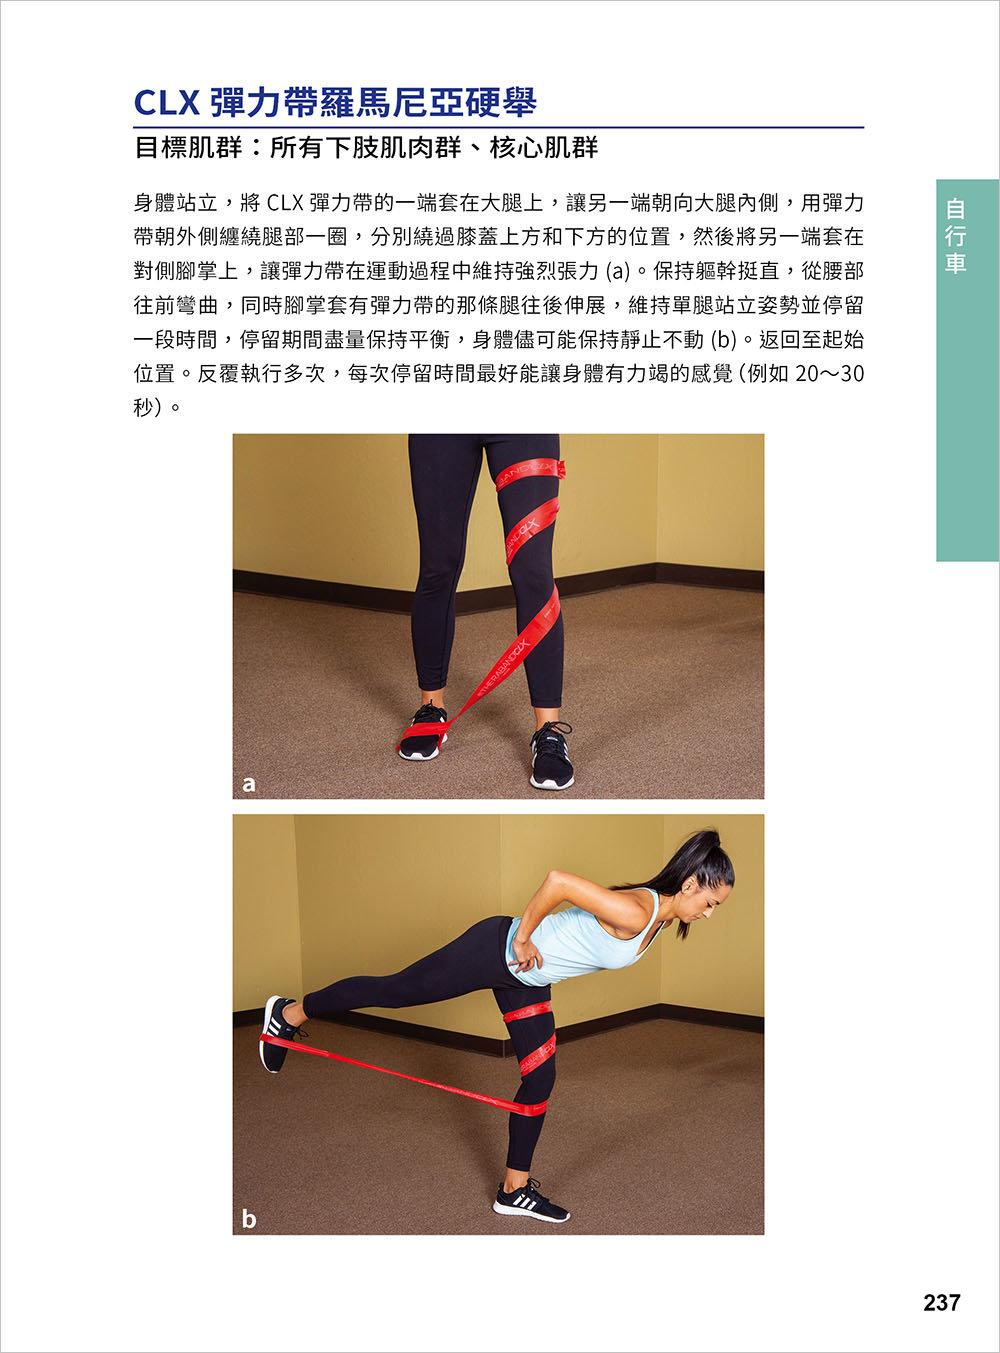 彈性阻力帶肌力訓練大全 162 式最新版 : 健身與功能性訓練、復健與預防肌少症 全適用-preview-9